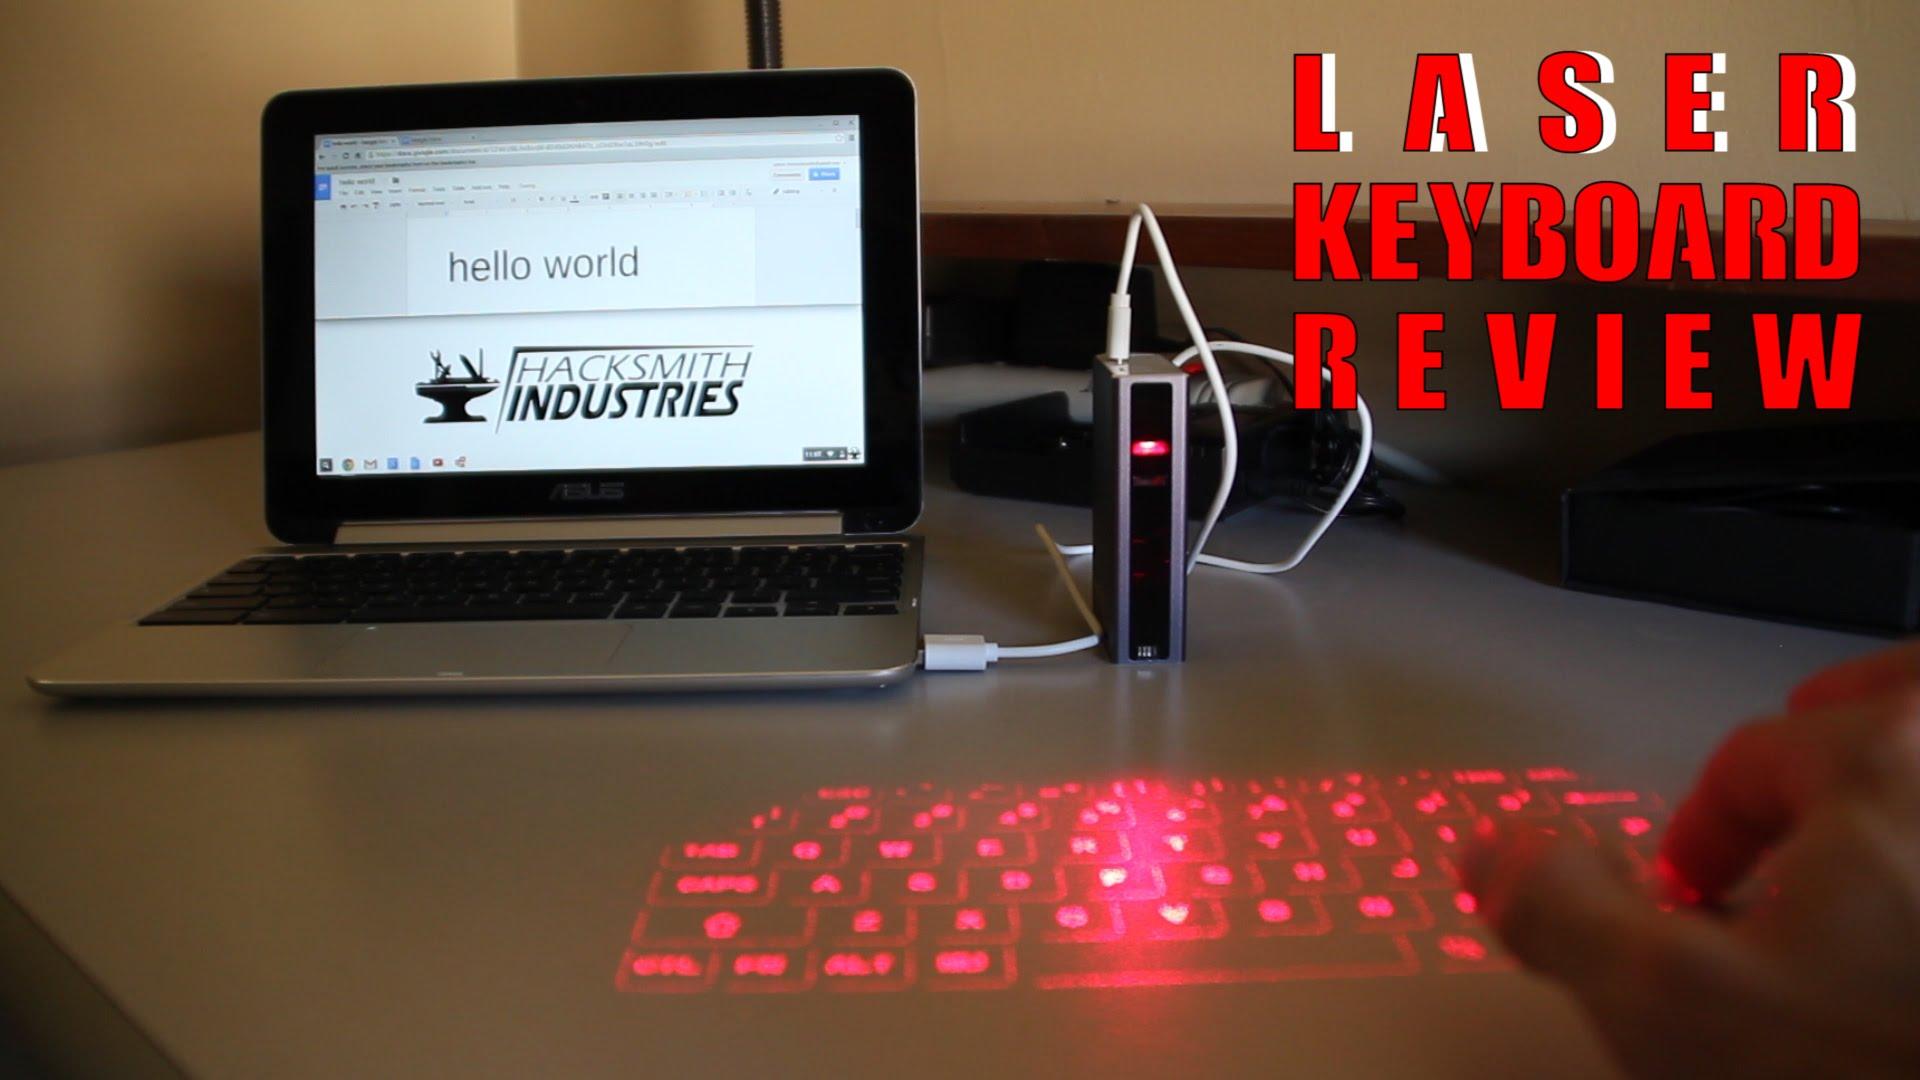 virtual keyboard projector keyboard laser keyboard review